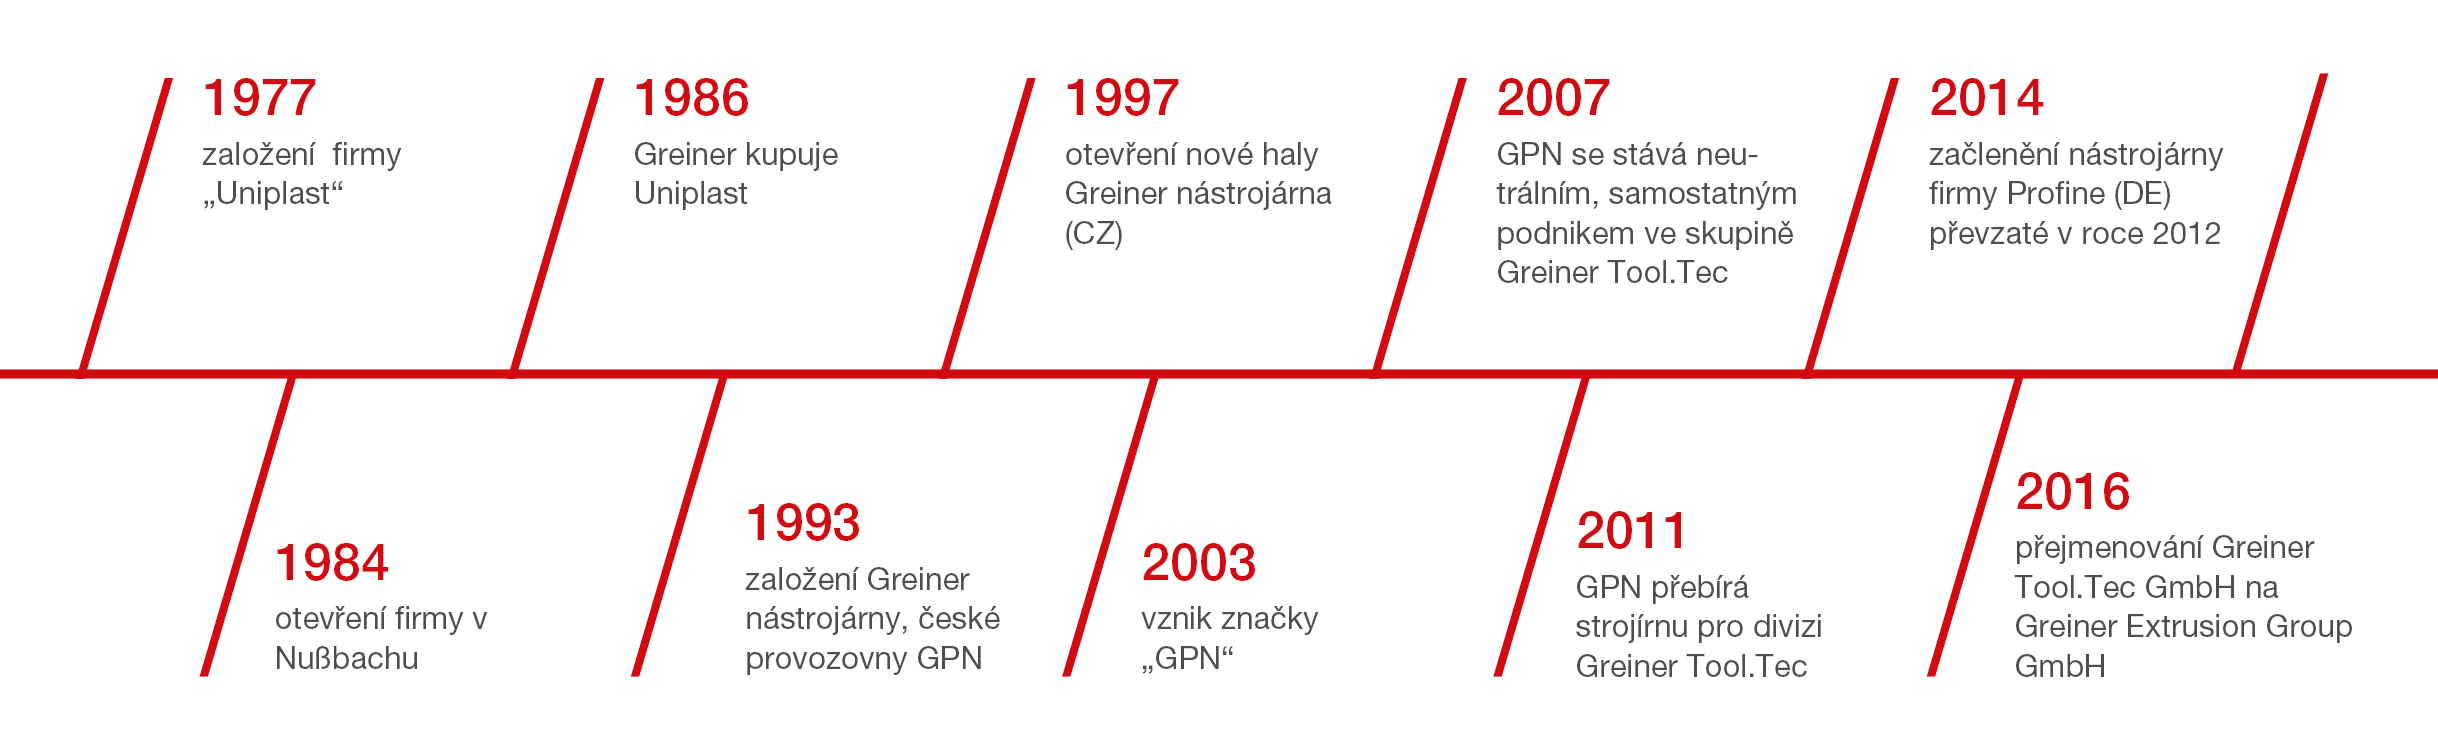 Historie GPN GmbH